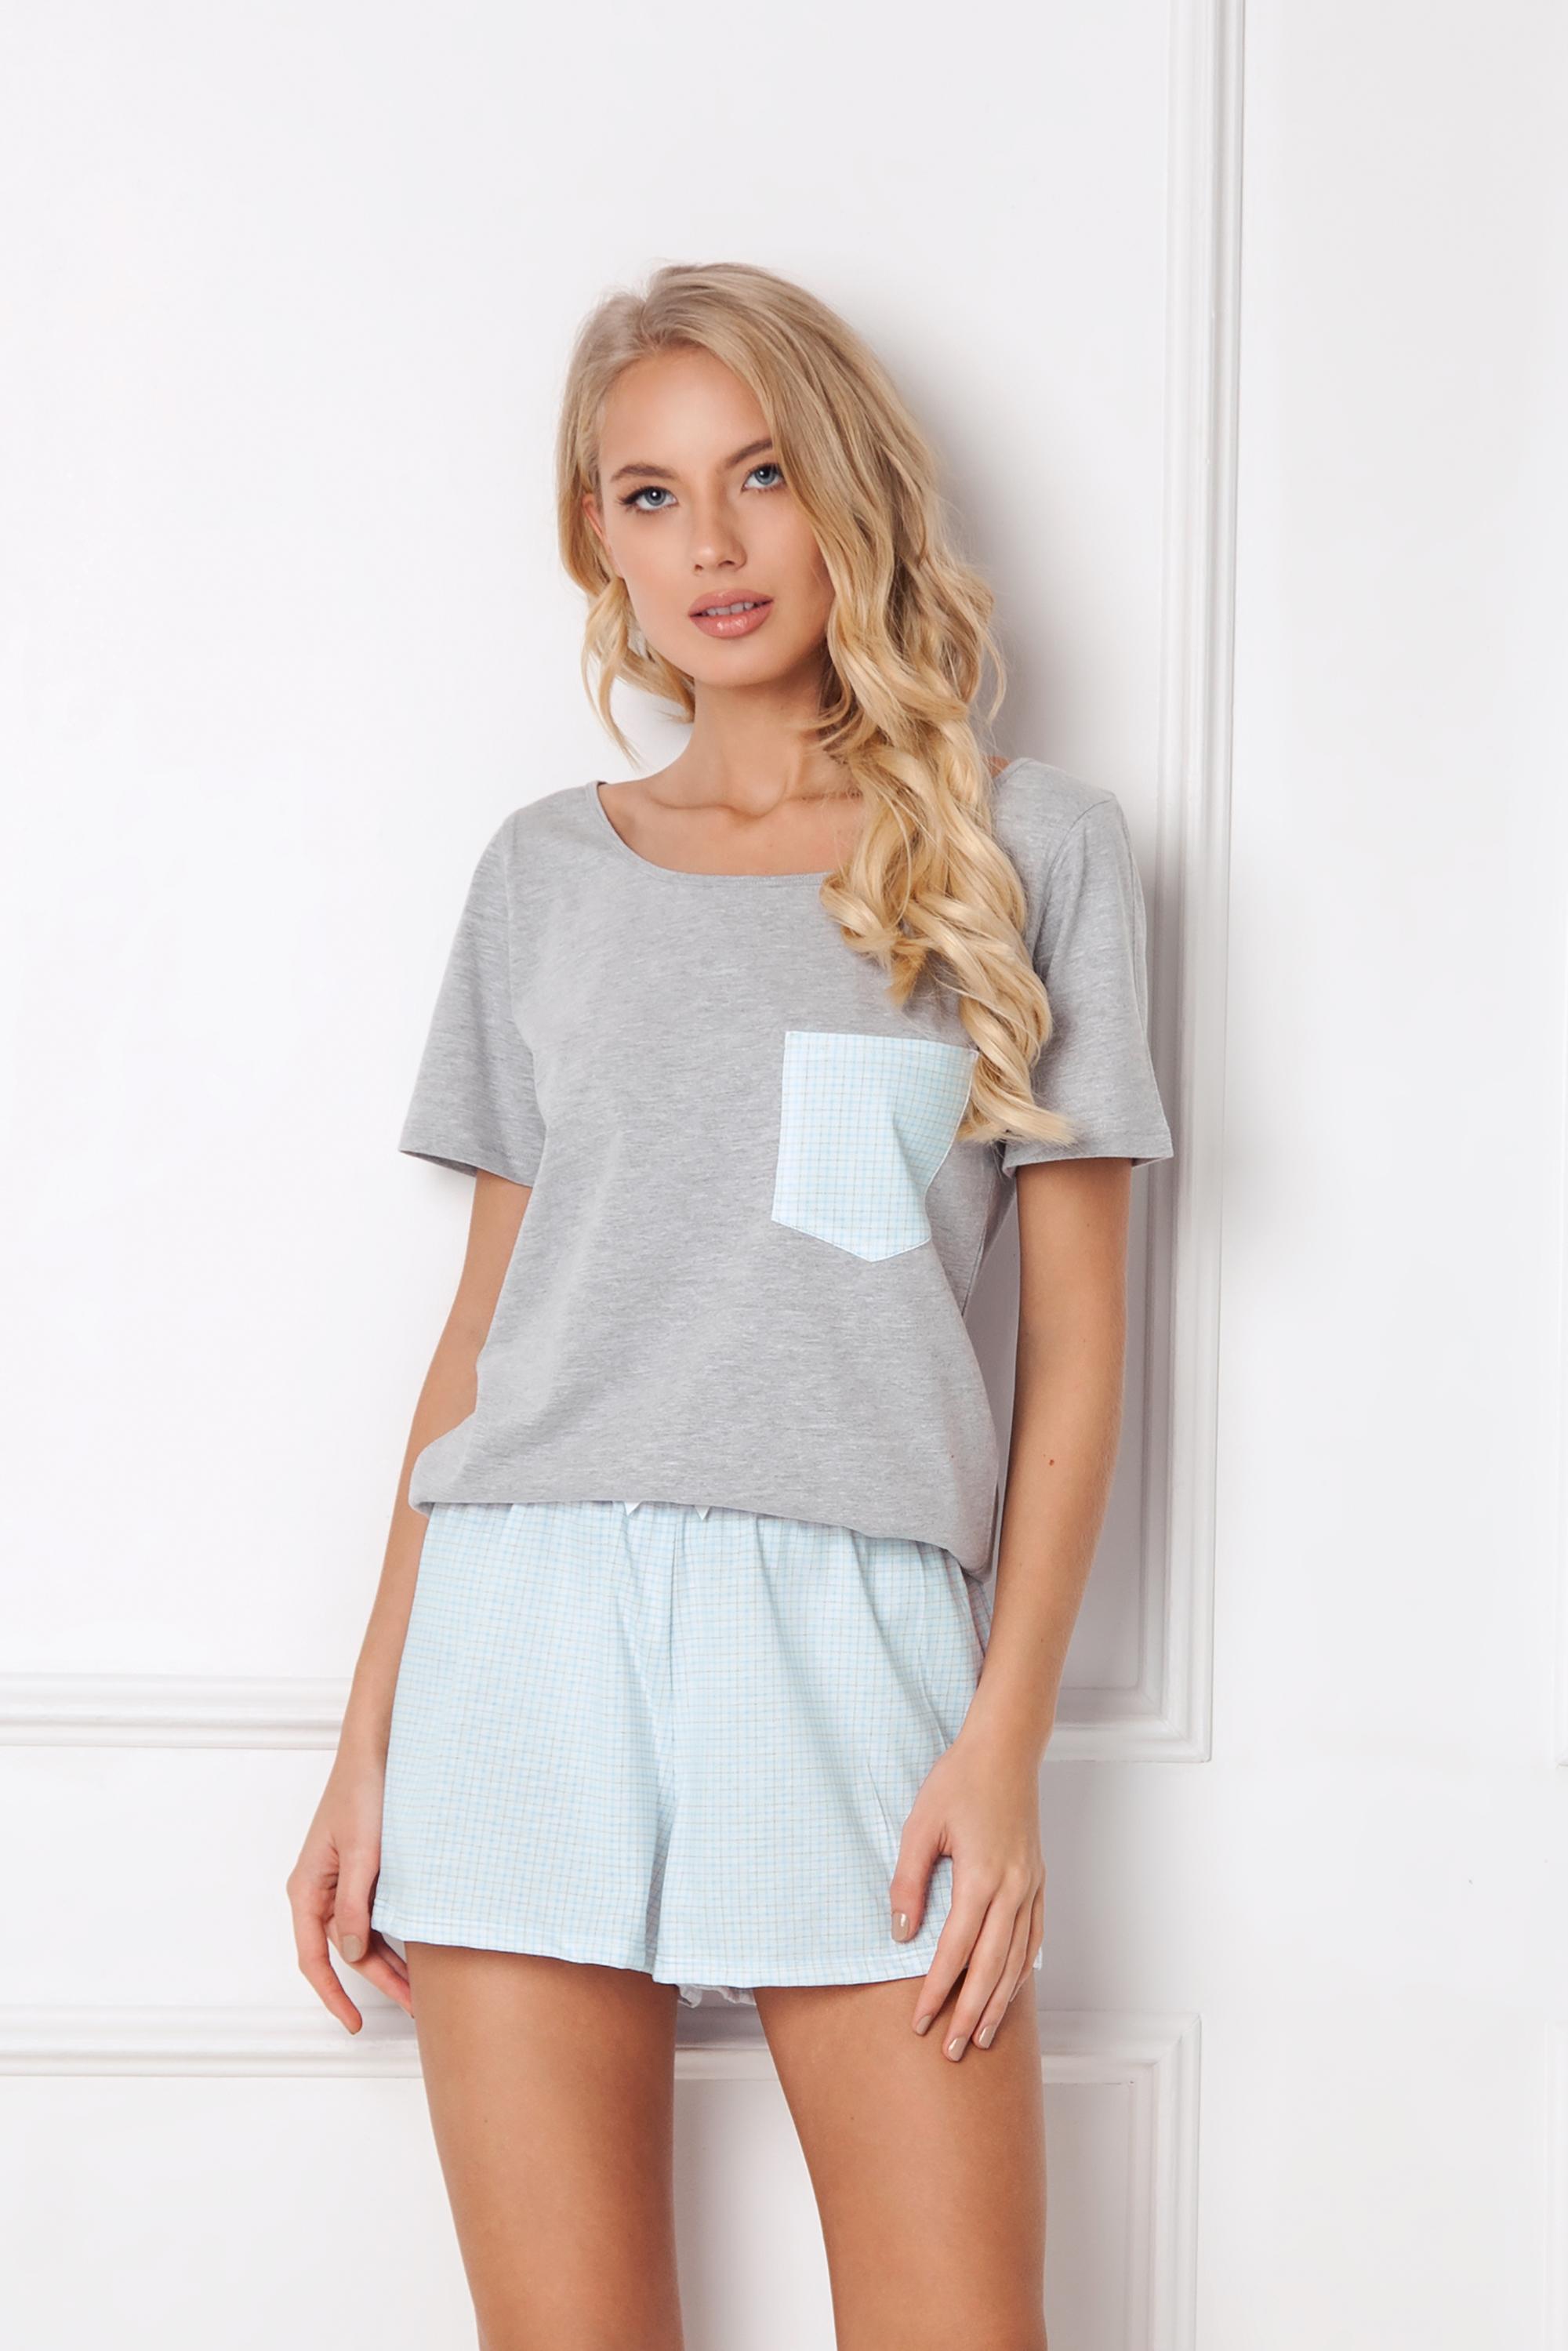 Aruelle -  Piżama Jackie Short szaro-błękitny Foto 1